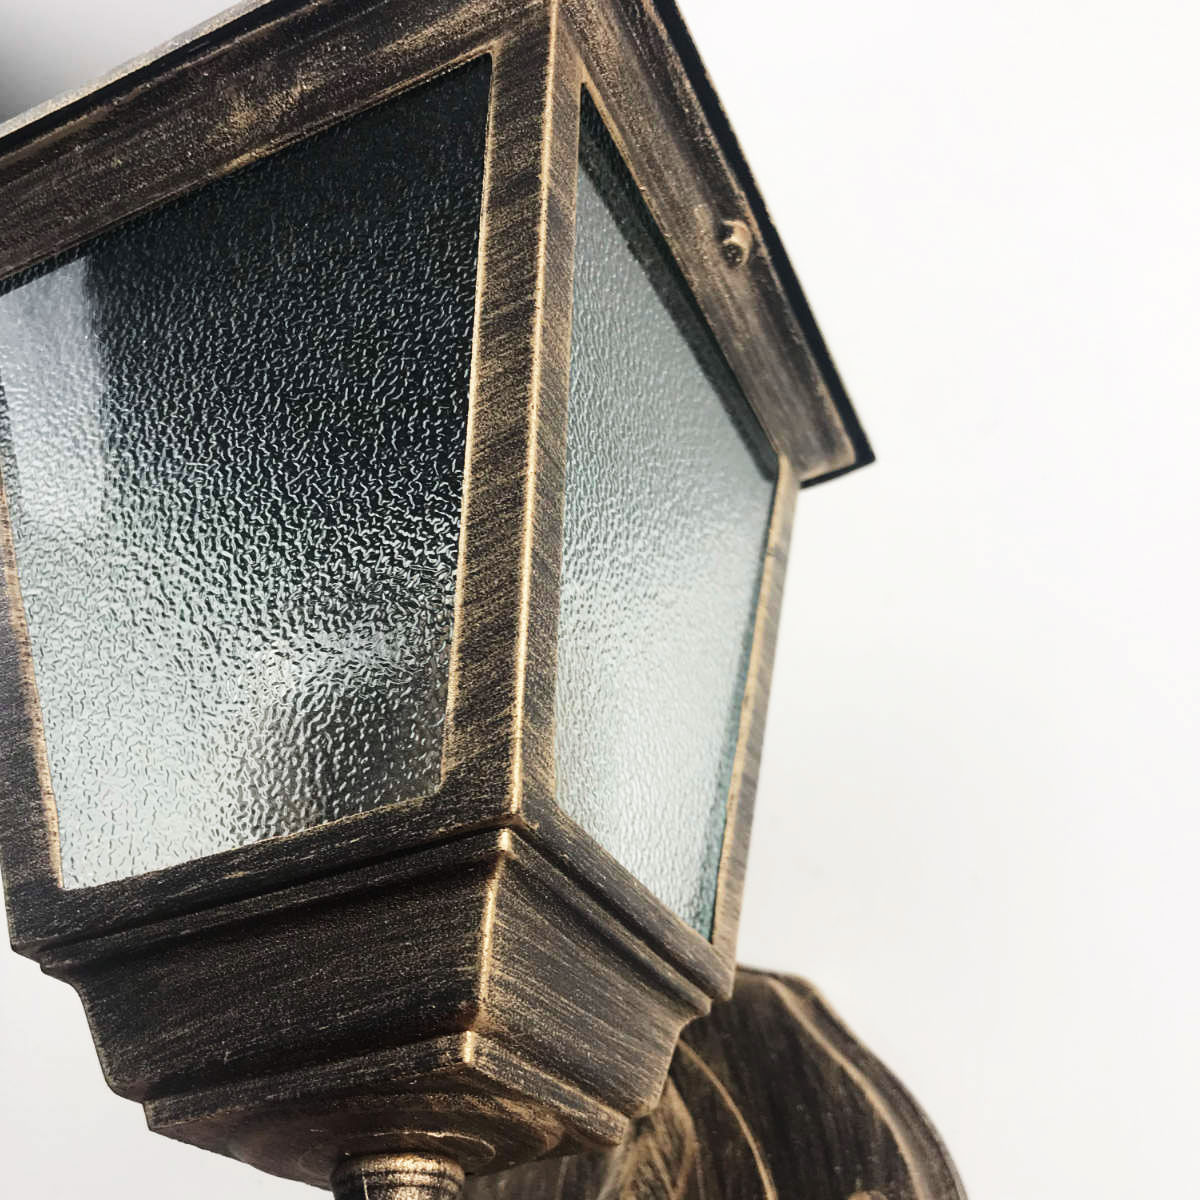 Arandela Colonial 4 Faces em Alumínio - Ouro Velho